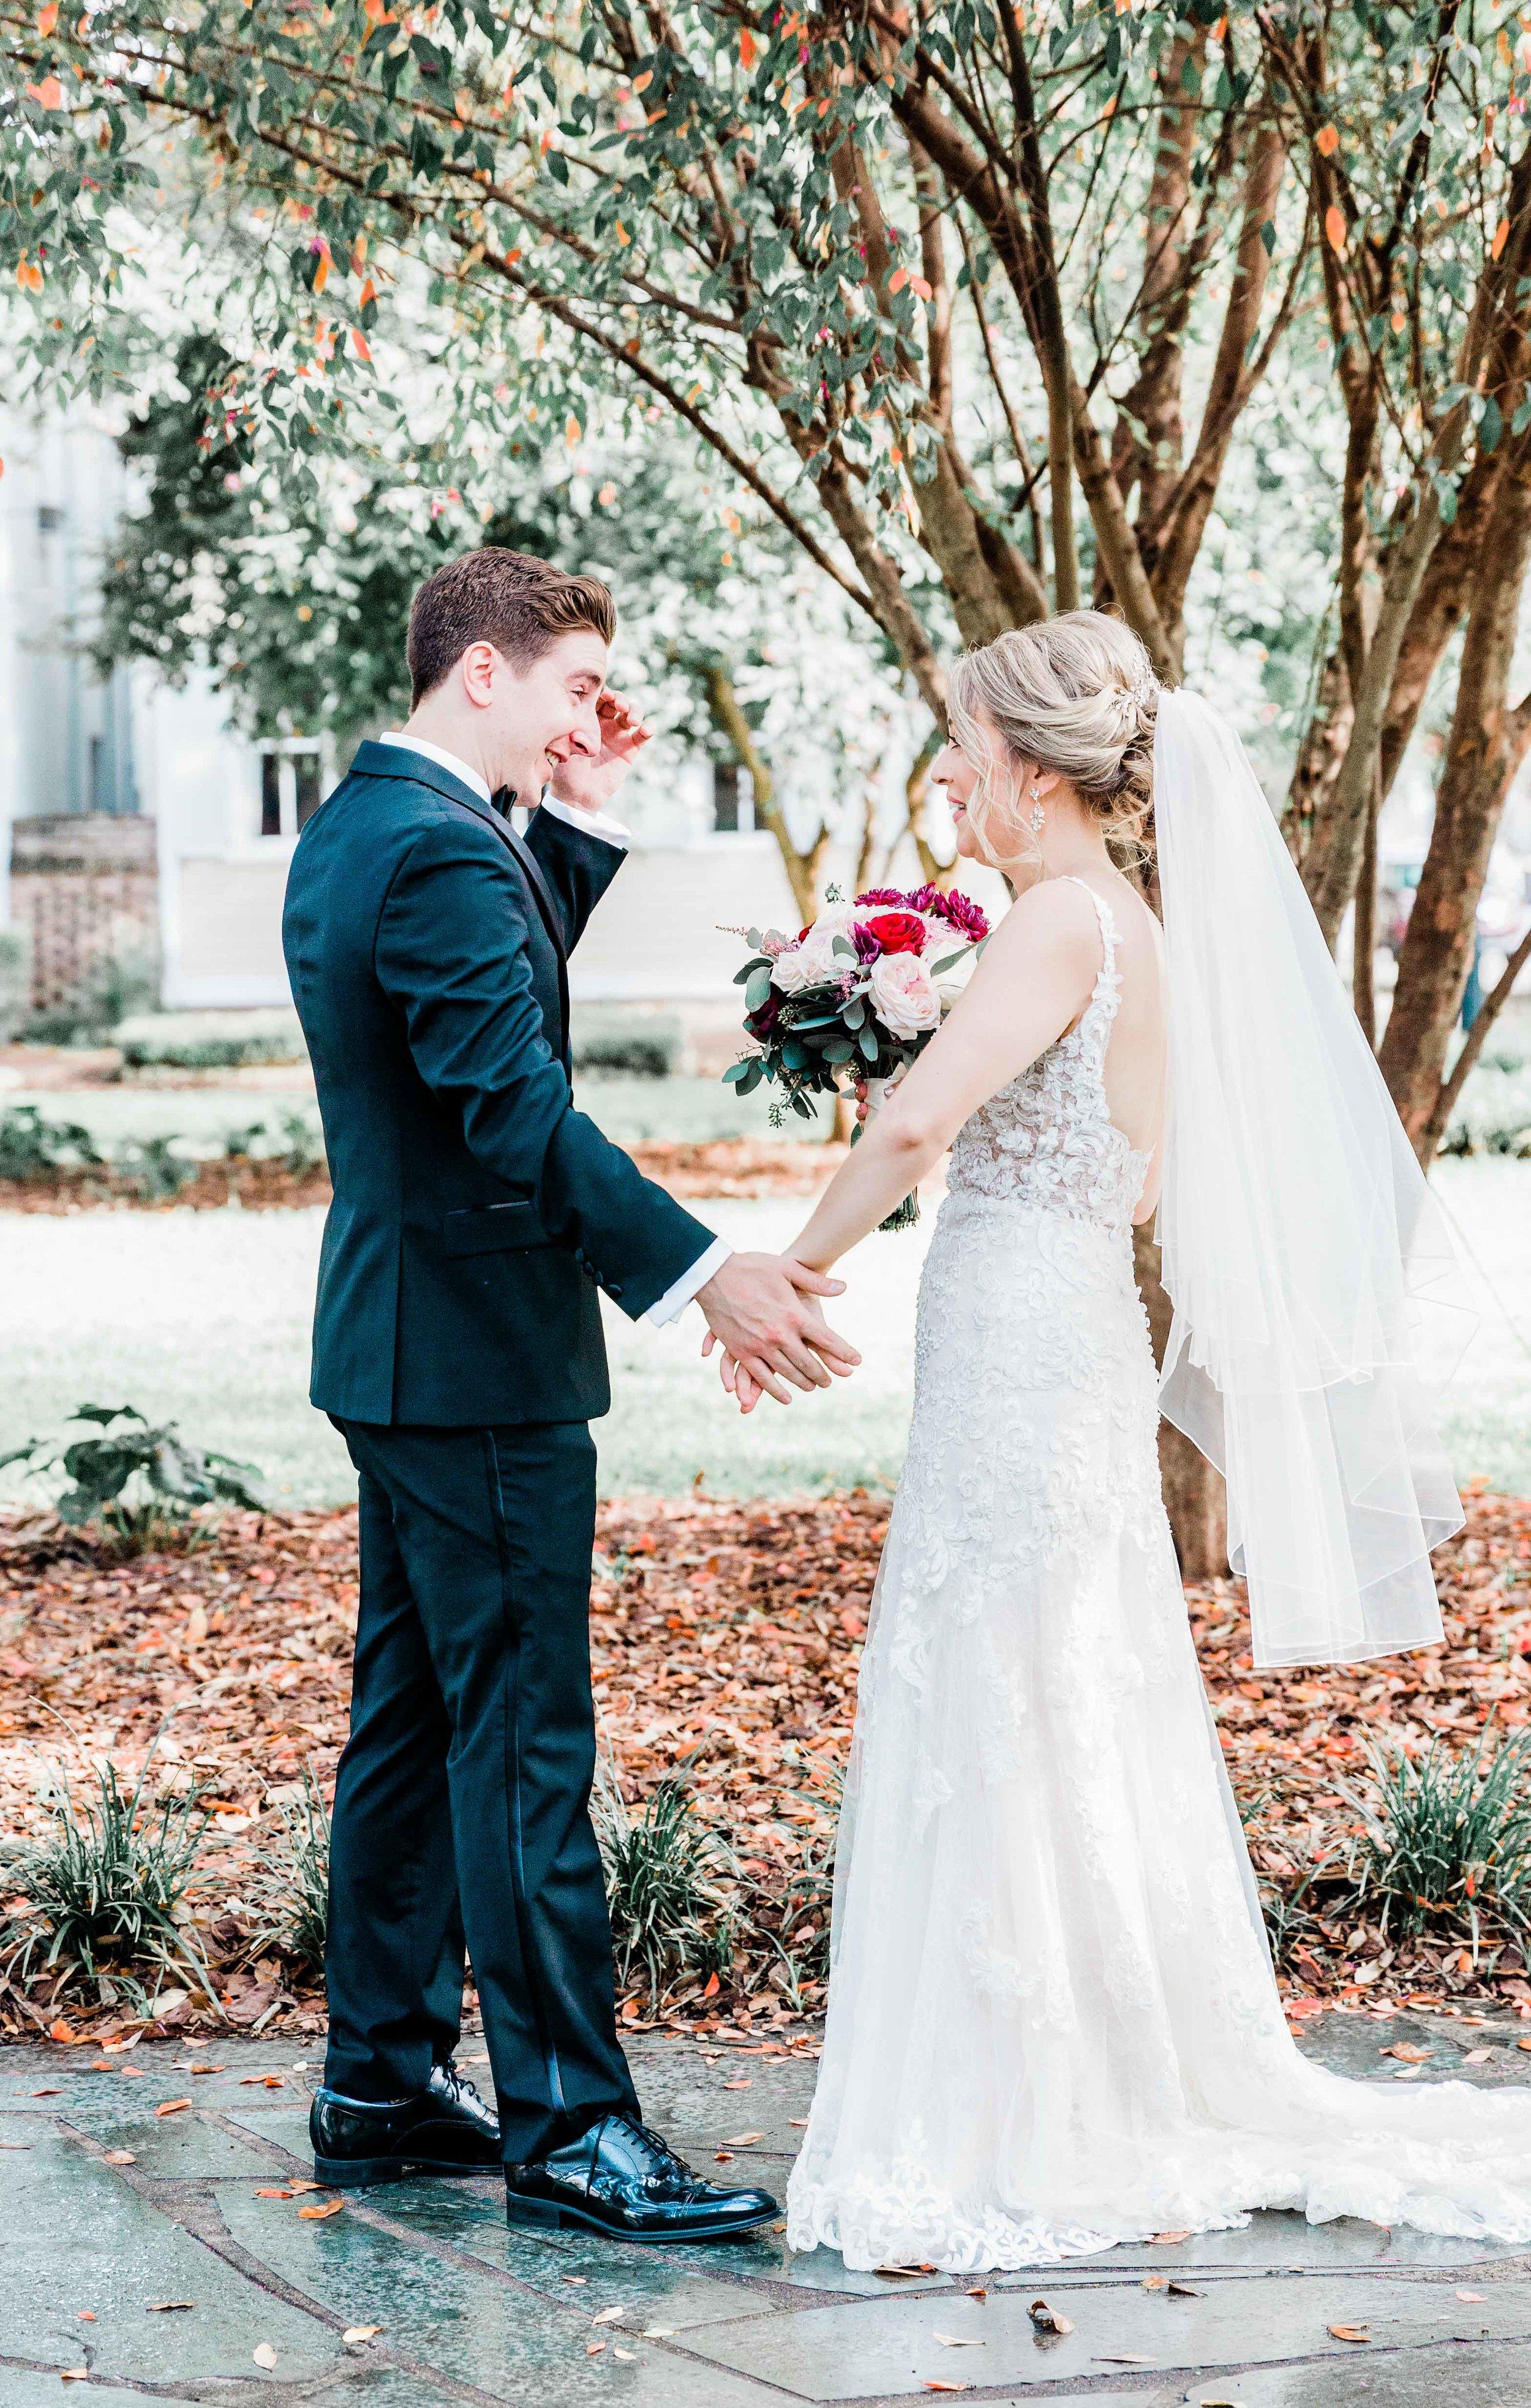 20181109Georgia-Savannah-savannah wedding photography08.jpg